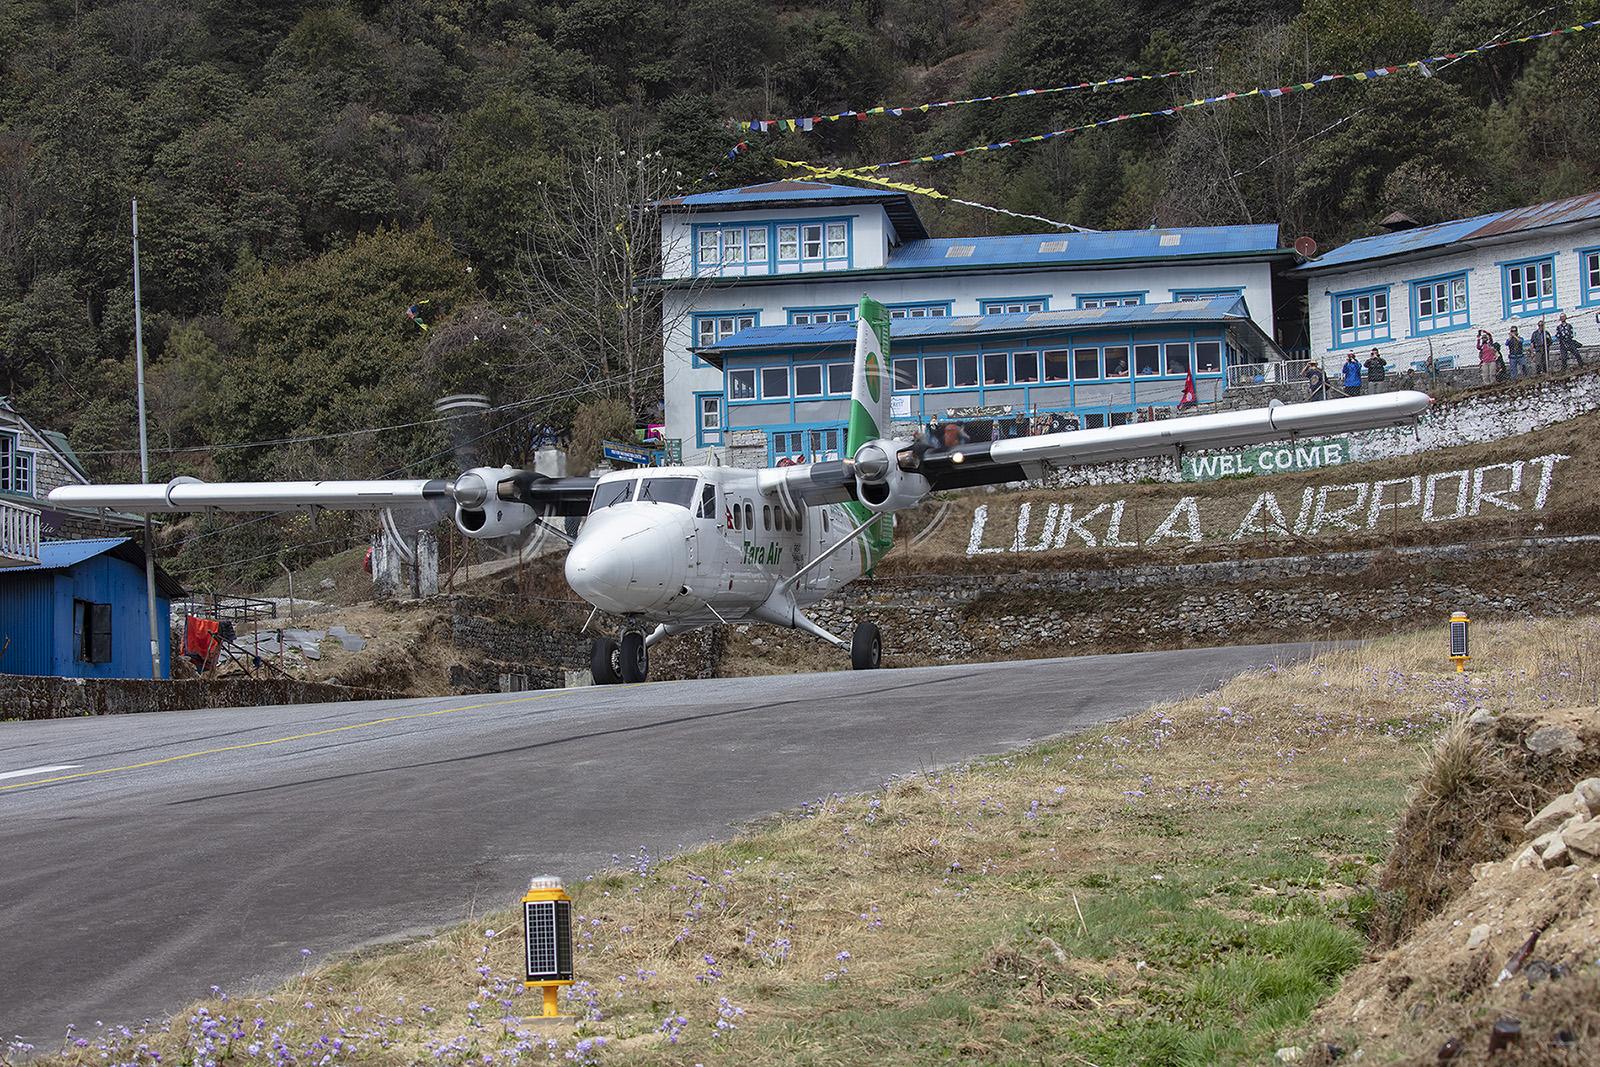 Die Twin Otter braucht von allen Flugzeugmustern am wenigsten Anlauf.